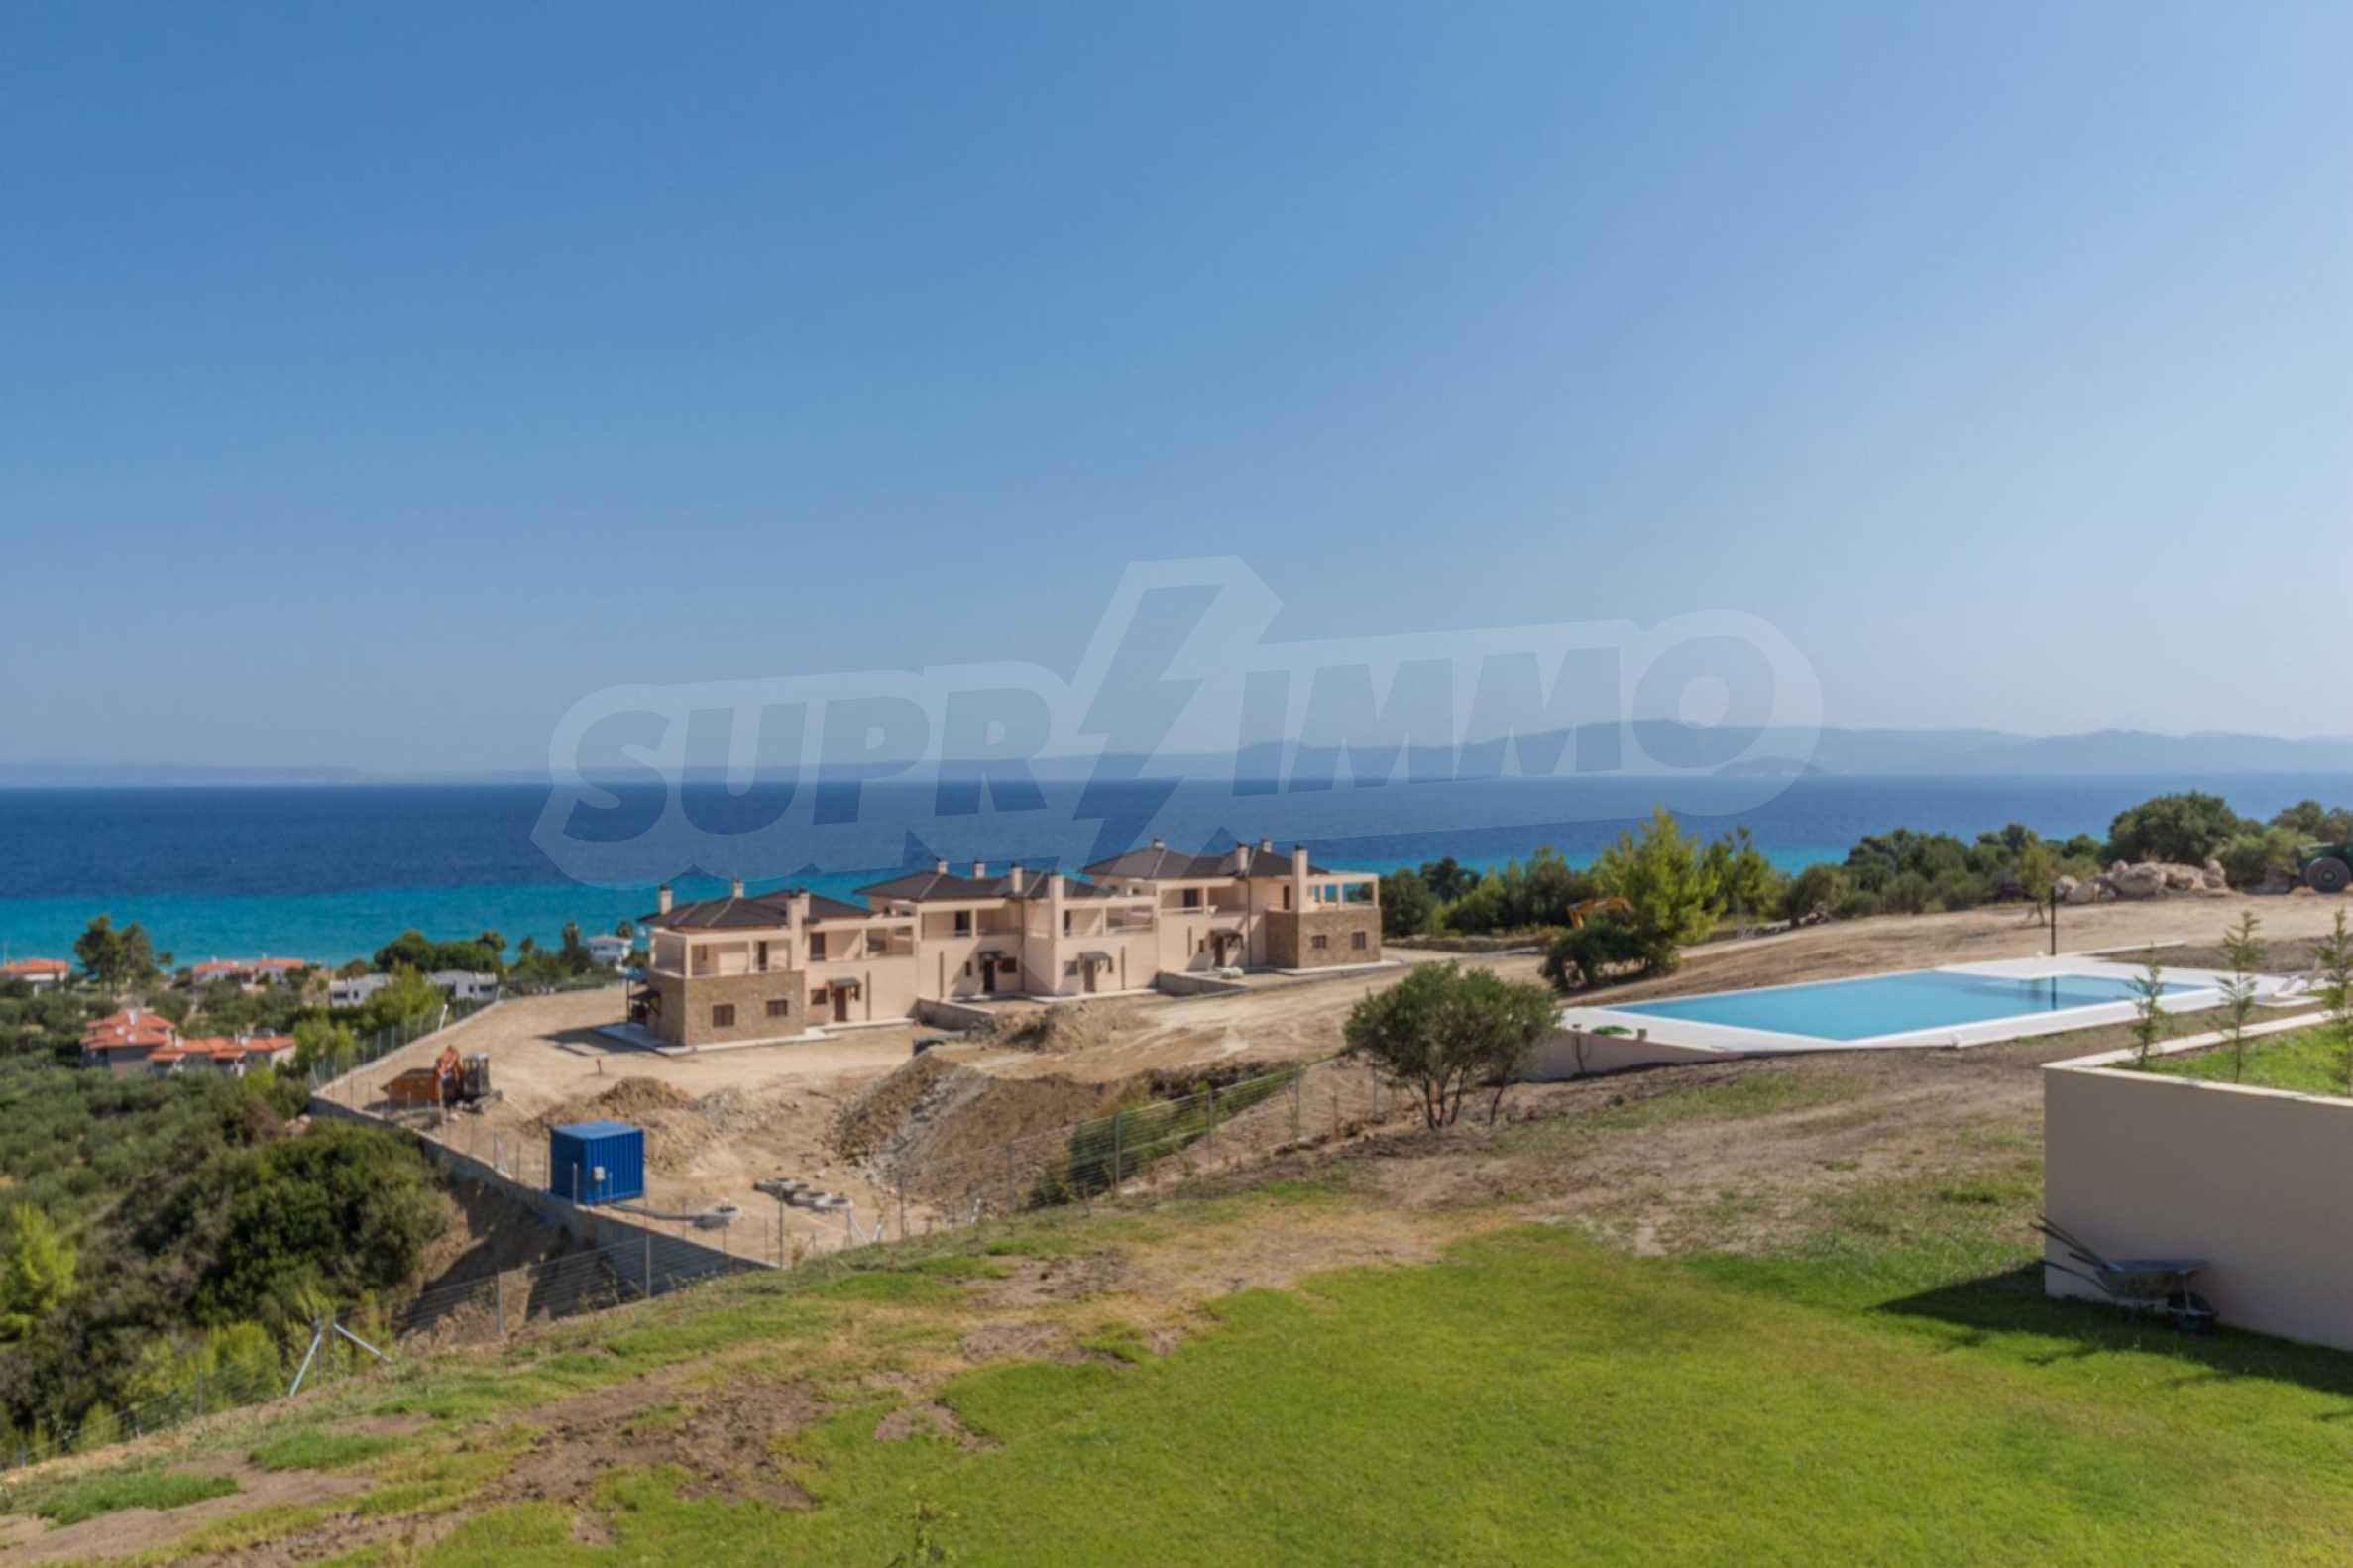 Долгосрочная аренда дома у моря в греции недвижимость в словении недорого с указанием цены